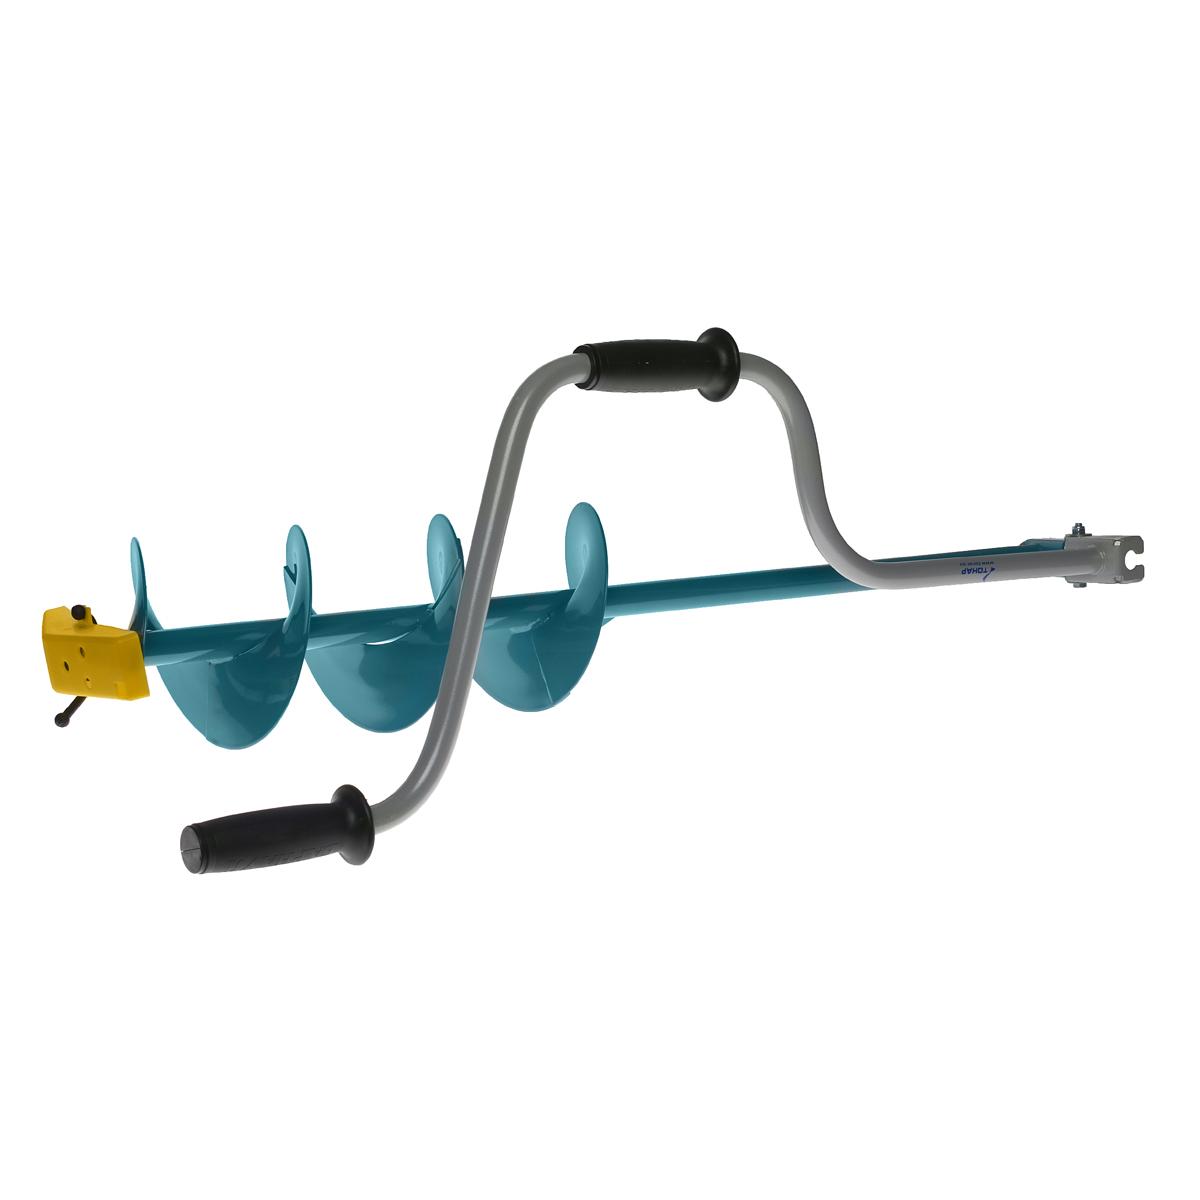 Ледобур Тонар ЛР-150Д, двуручный, диаметр 150 мм13-11-133Основное и единственное отличие двуручных ледобуров от классических - верхняя рукоятка ледобура смещена относительно оси ледобура на 130 мм, а нижняя на 150 мм. Такое расположение рукояток позволяет вращать ледобур одновременно двумя руками, тем самым, увеличивая скорость бурения лунок во льду. Кроме того, существенно уменьшаются габариты ледобура в транспортном положении. По всем остальным характеристикам двуручные ледобуры полностью соответствуют классическим. Межцентровое расстояние креплений ножей увеличено для их большей жесткости.В комплекте чехол для переноски и хранения.